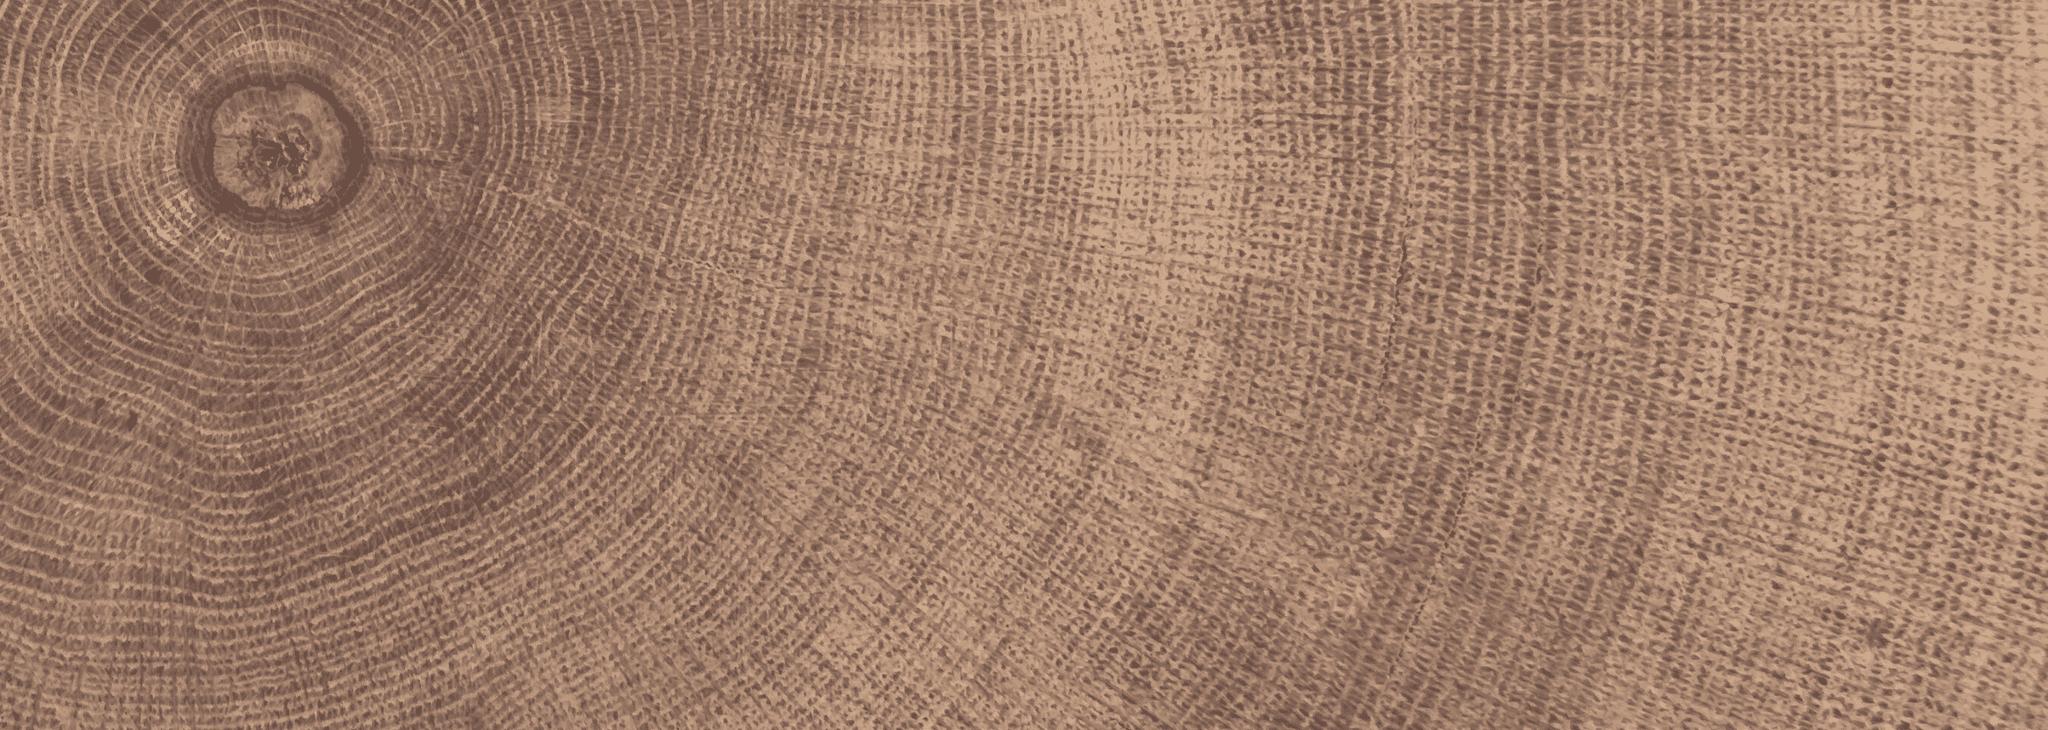 Dřevěné podlahy Esco - úvodní